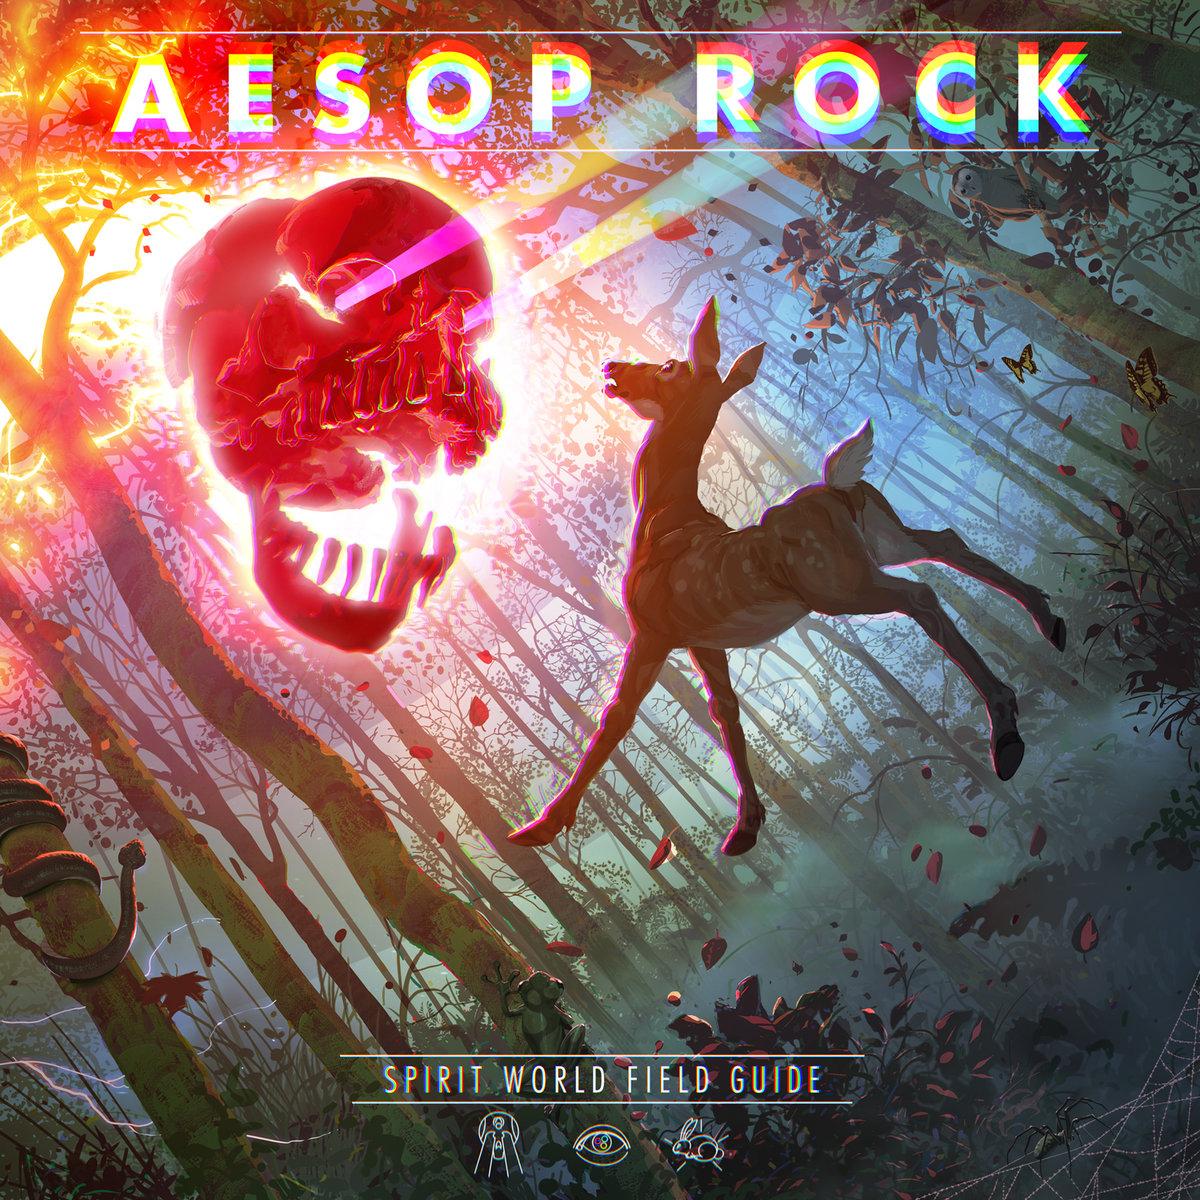 REVIEW: Spirit World Field Guide, Aesop Rock